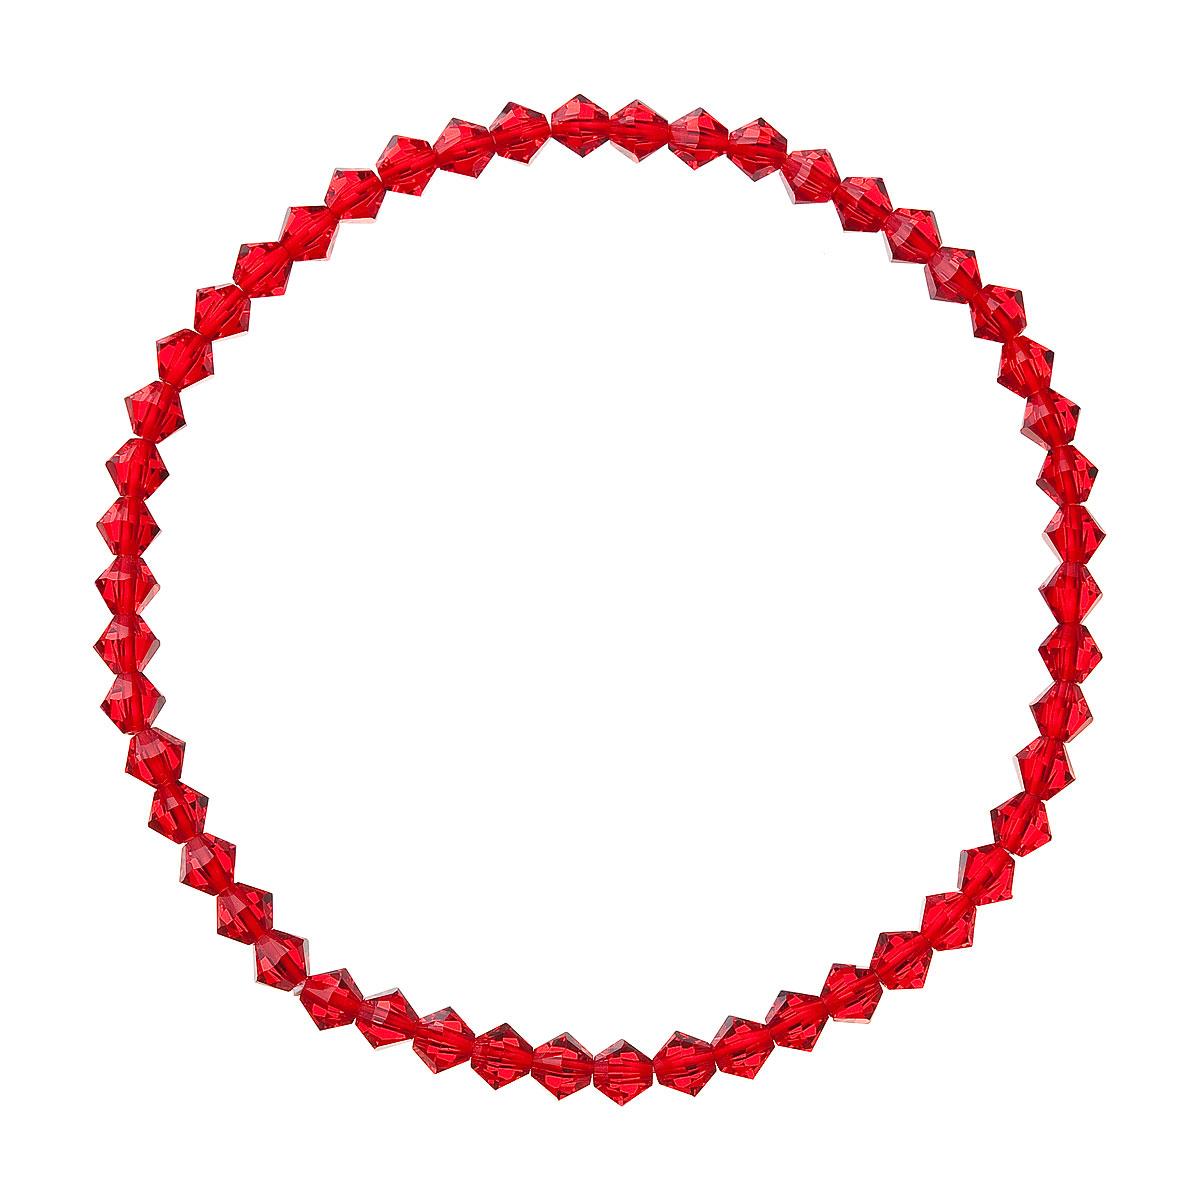 Náramek se Swarovski krystaly červený 73005.3